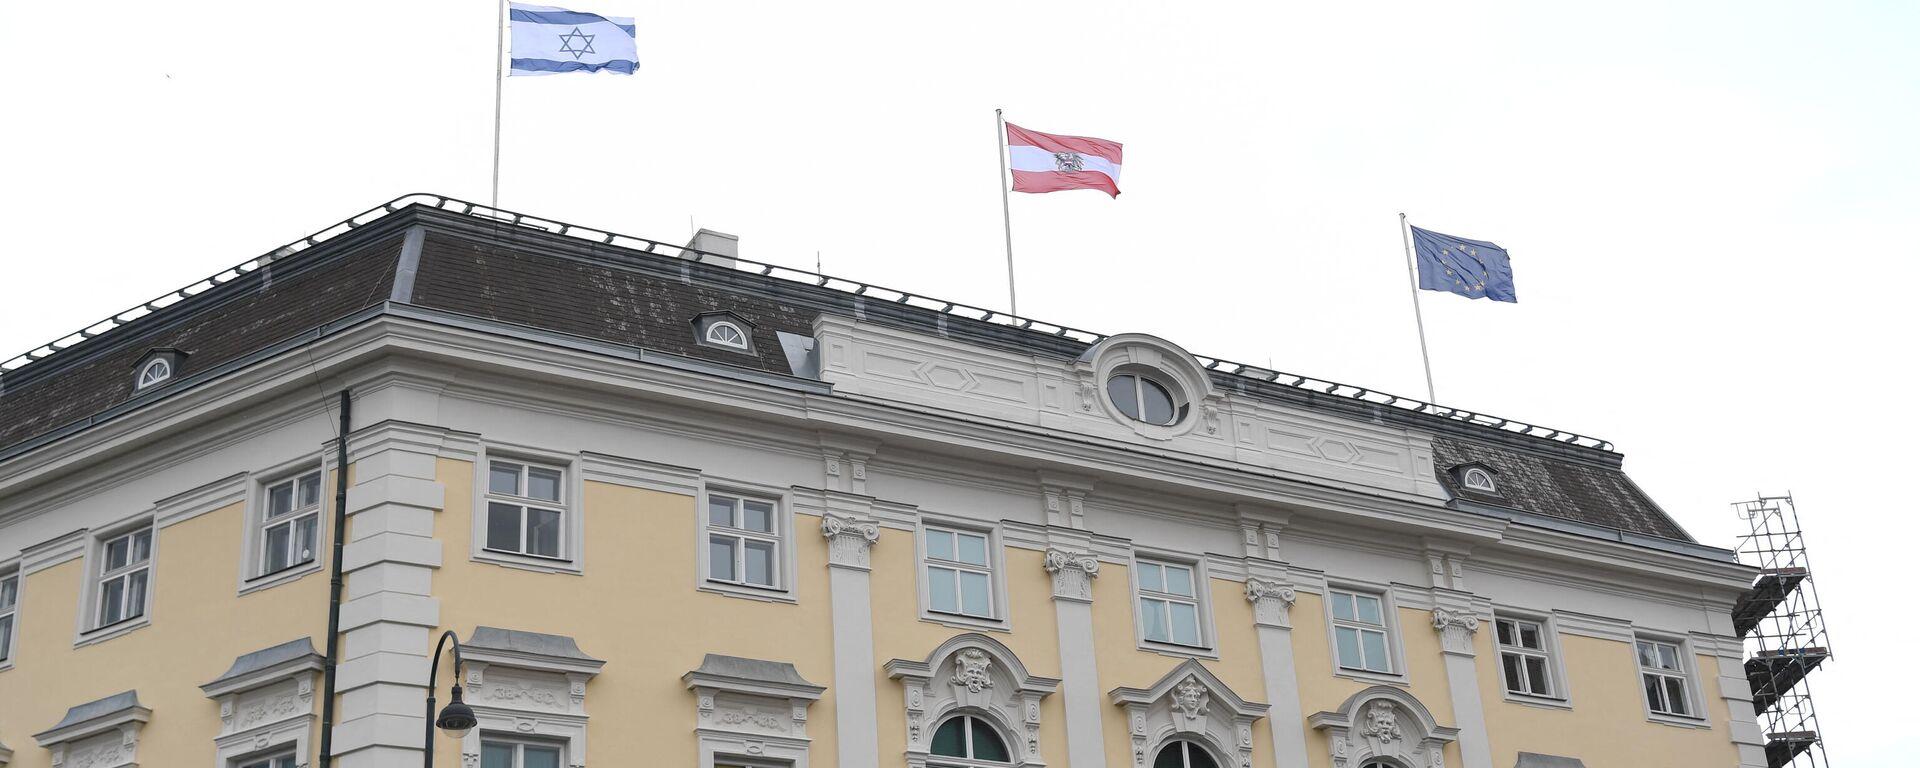 Israelische Flagge über dem Bundeskanzleramt gehisst. Wien, 14. Mai 2021 - SNA, 1920, 17.05.2021